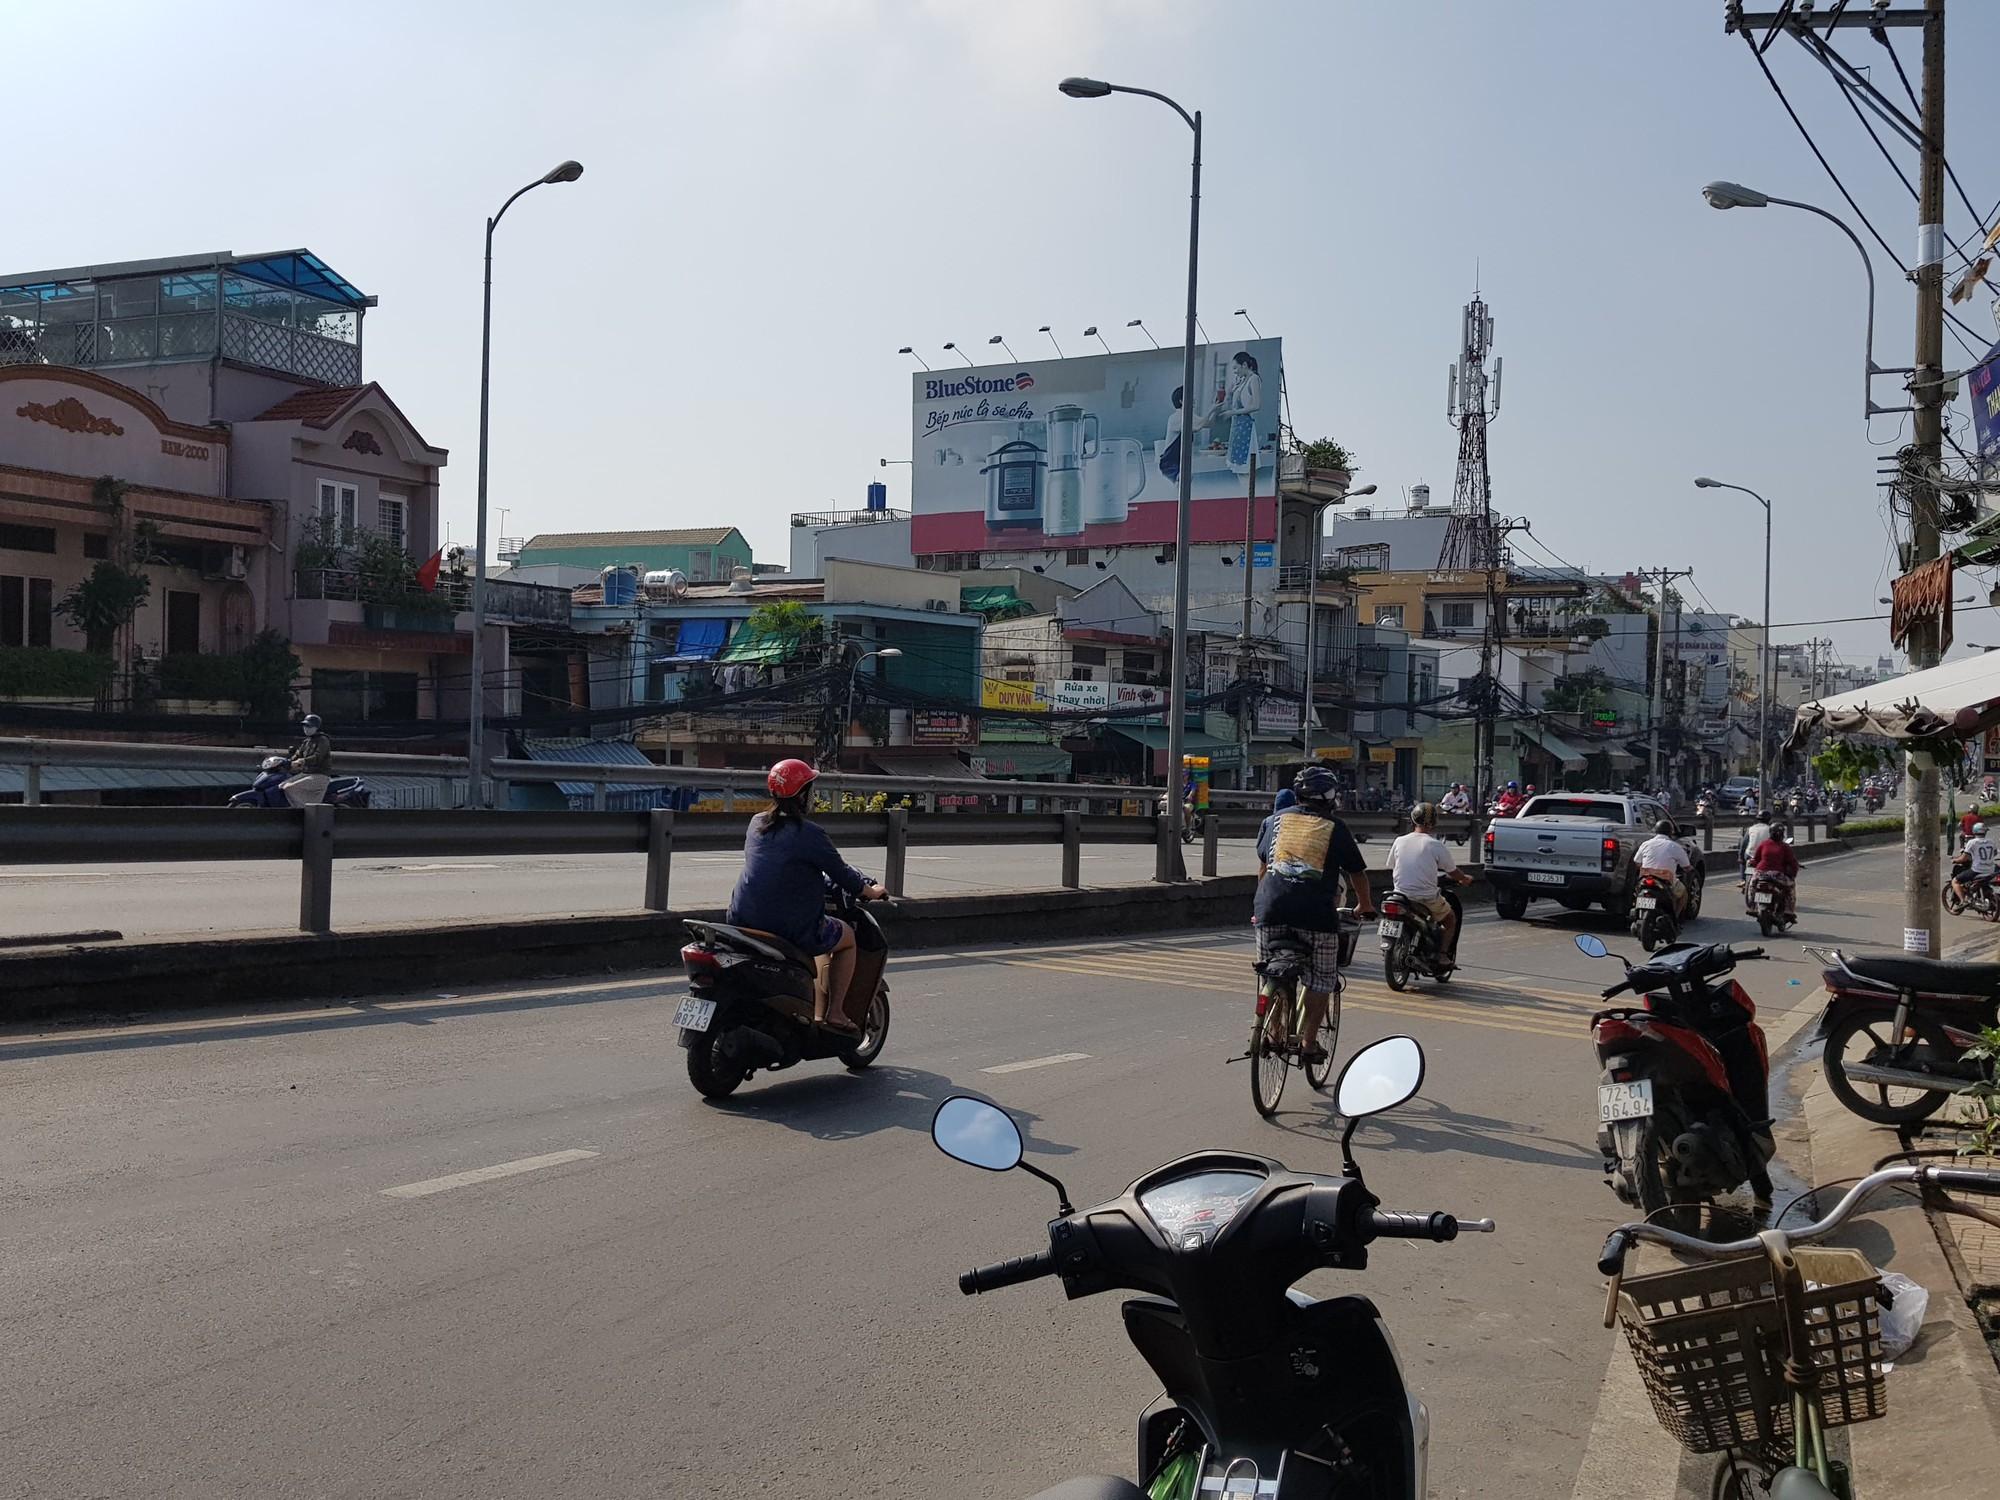 Vụ hỗn chiến kinh hoàng ở Sài Gòn: 2 đại ca giải quyết mâu thuẫn không thành, đàn em liền hẹn nhau quyết chiến - Ảnh 3.